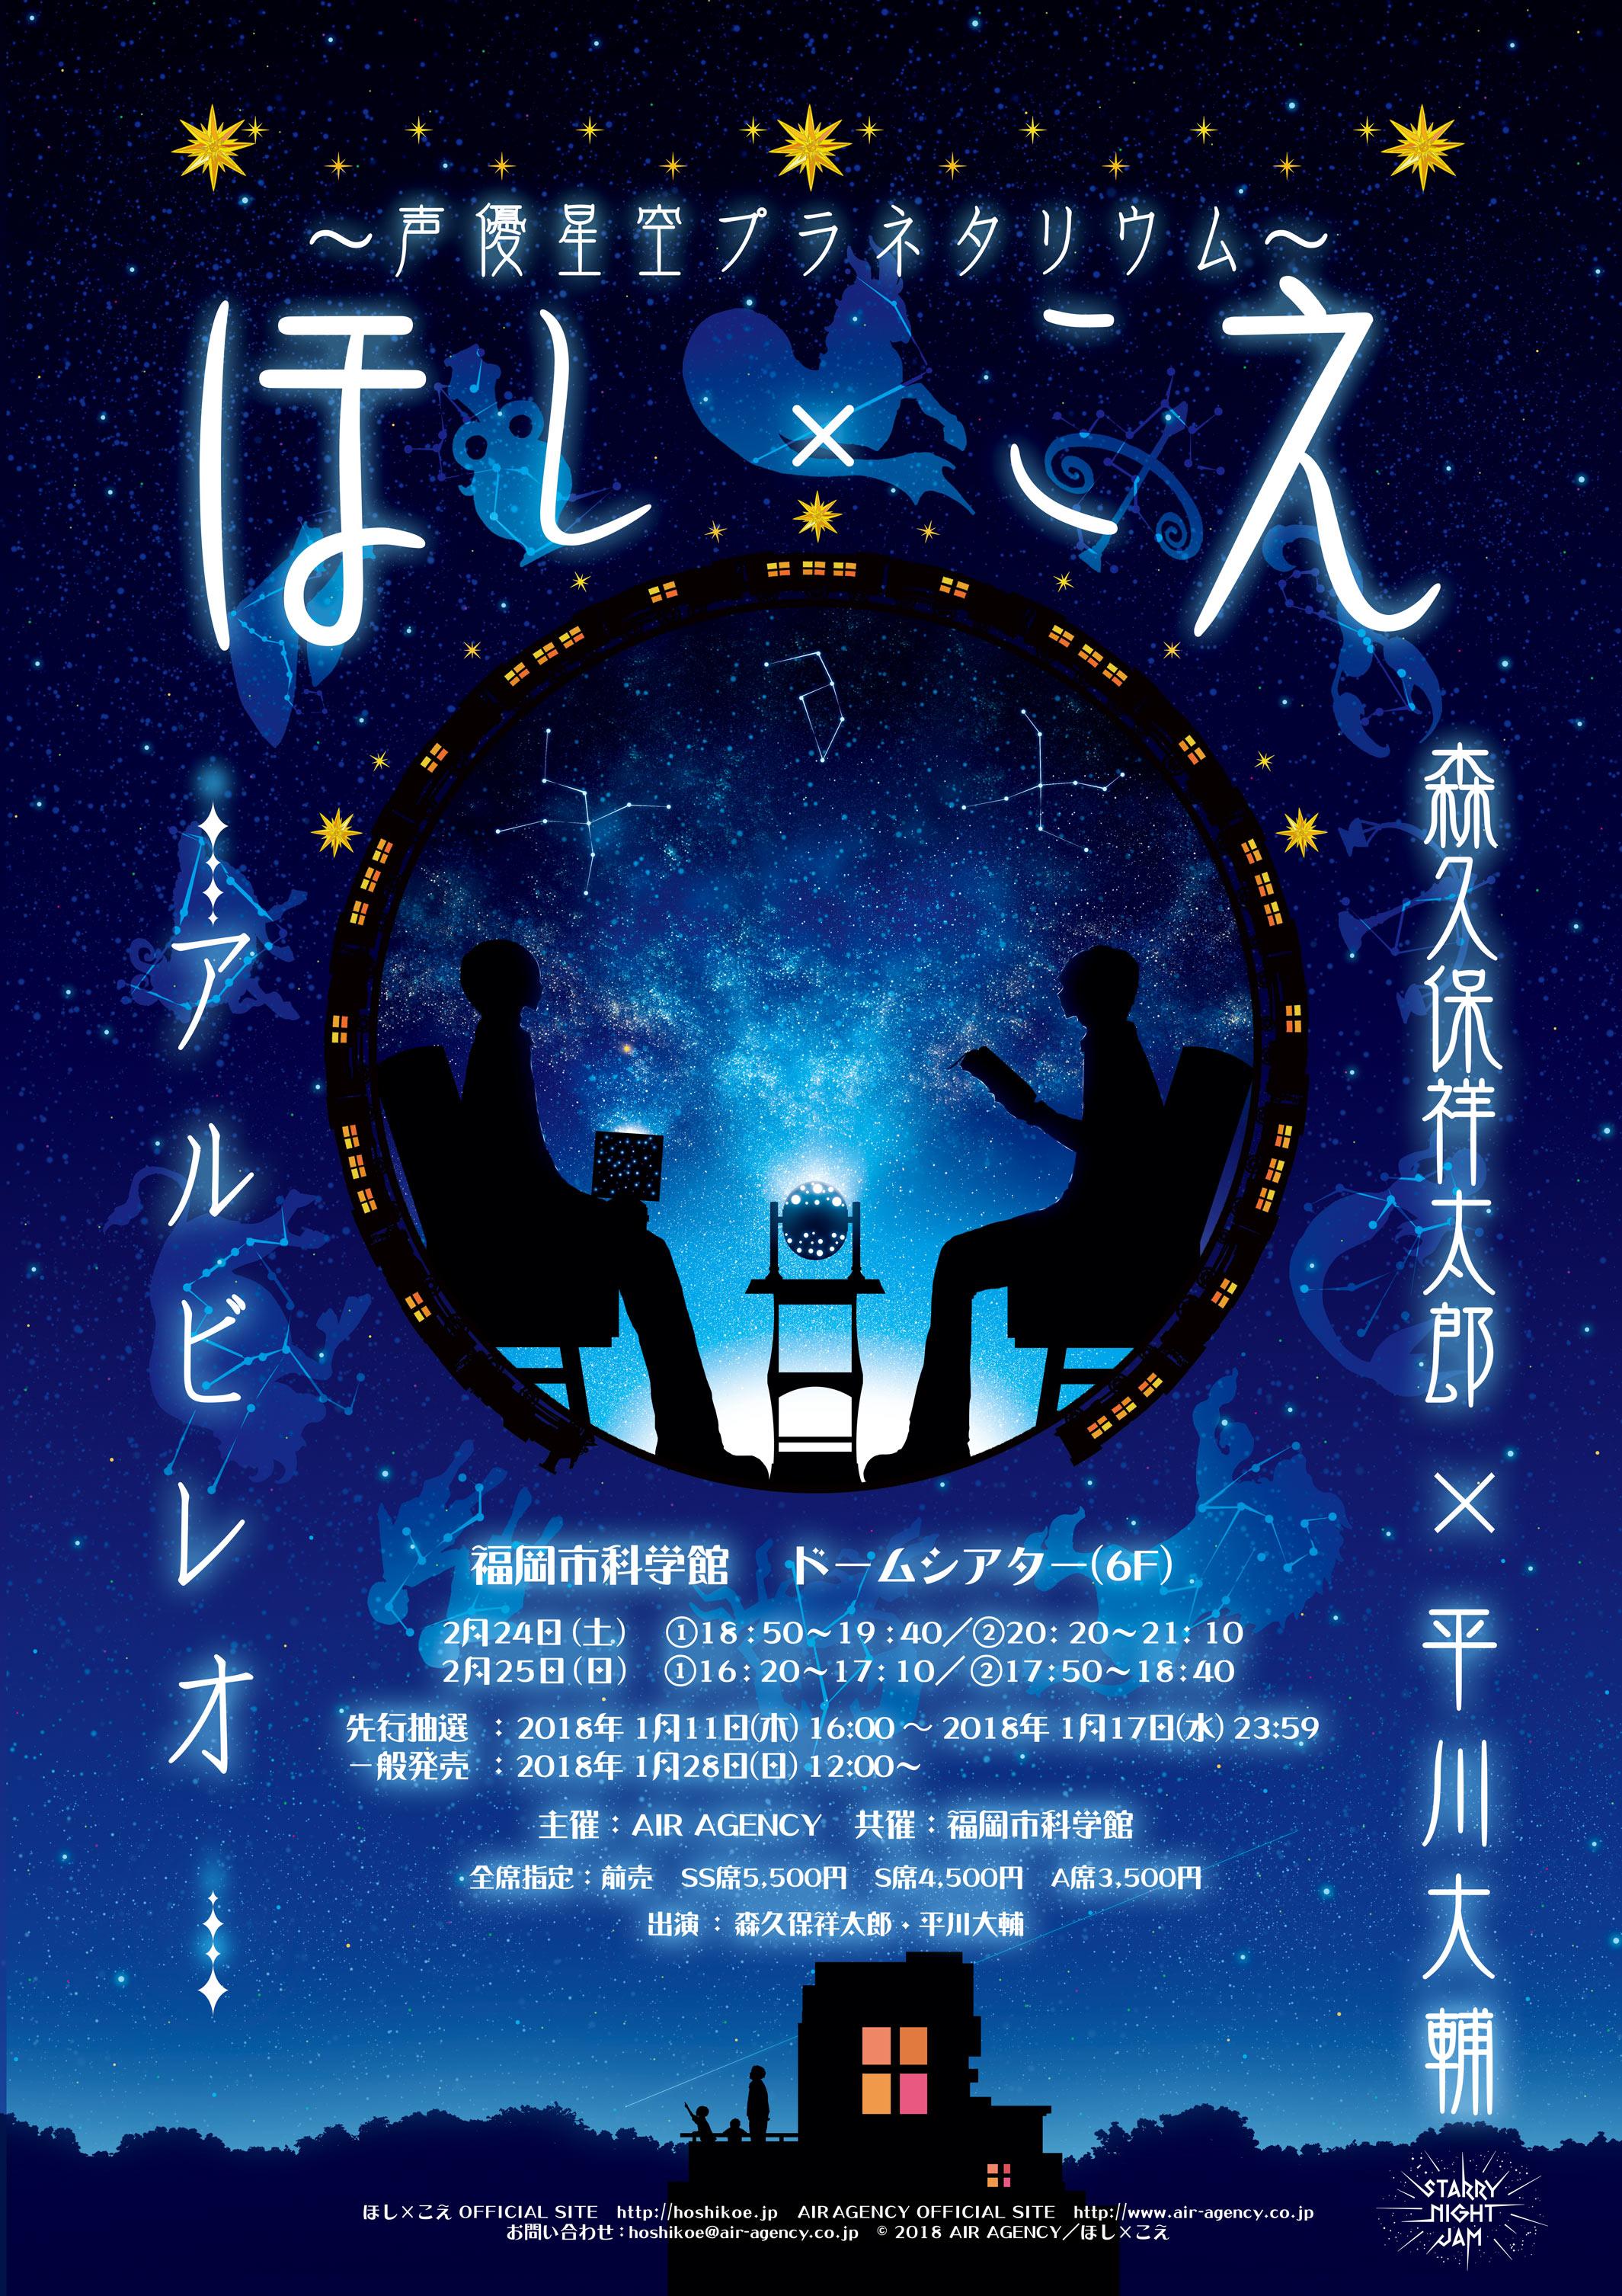 ほし×こえ【森久保祥太郎×平川大輔】福岡公演